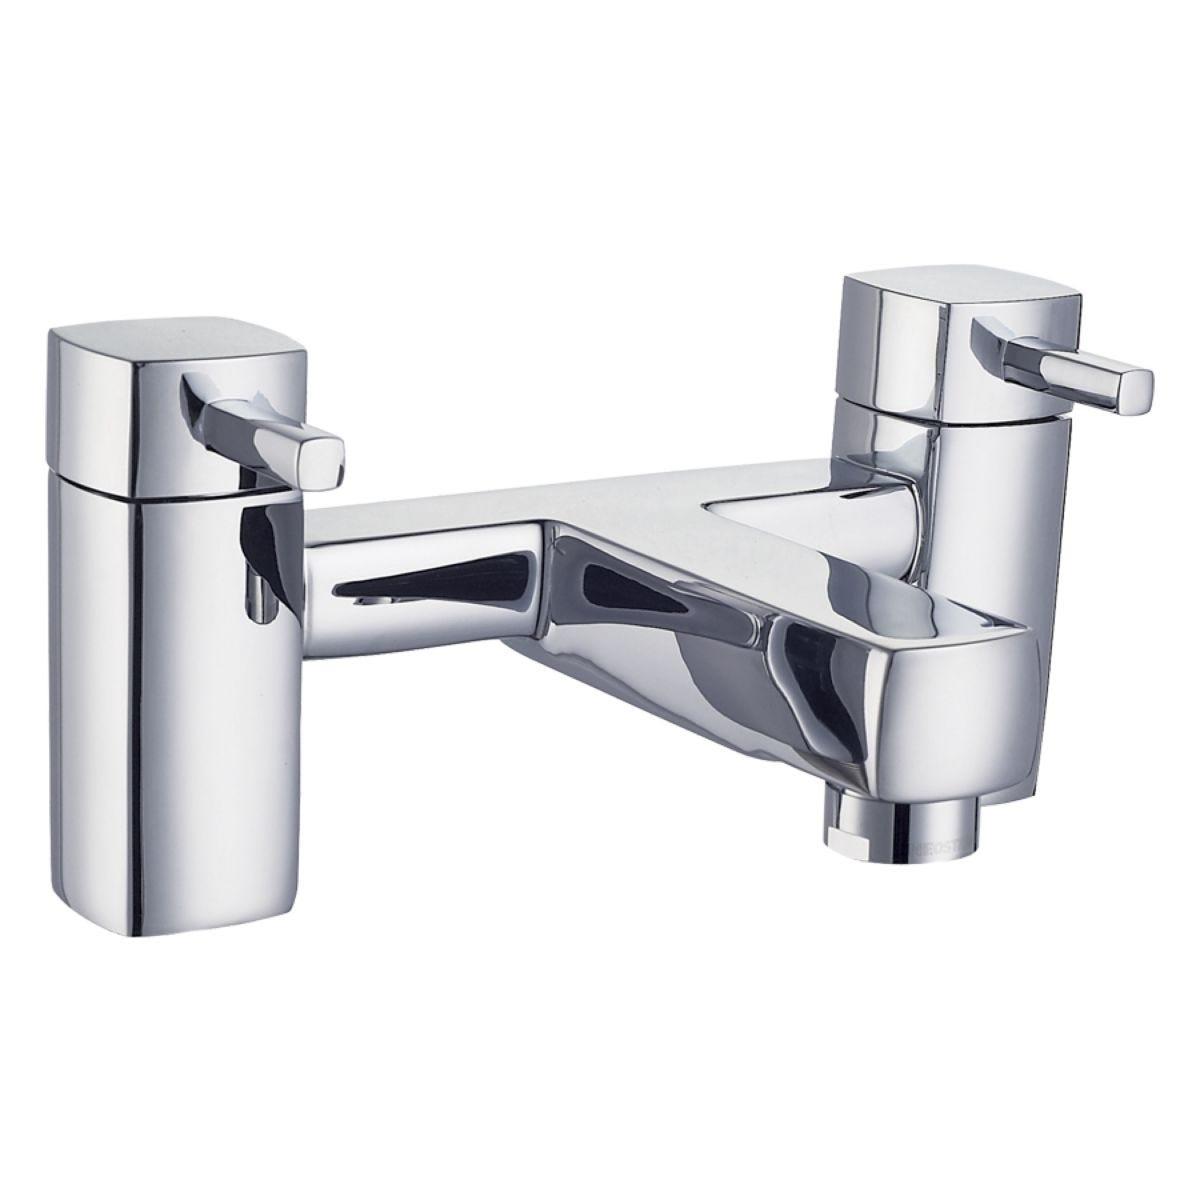 Fresssh Loui Bath Filler Tap